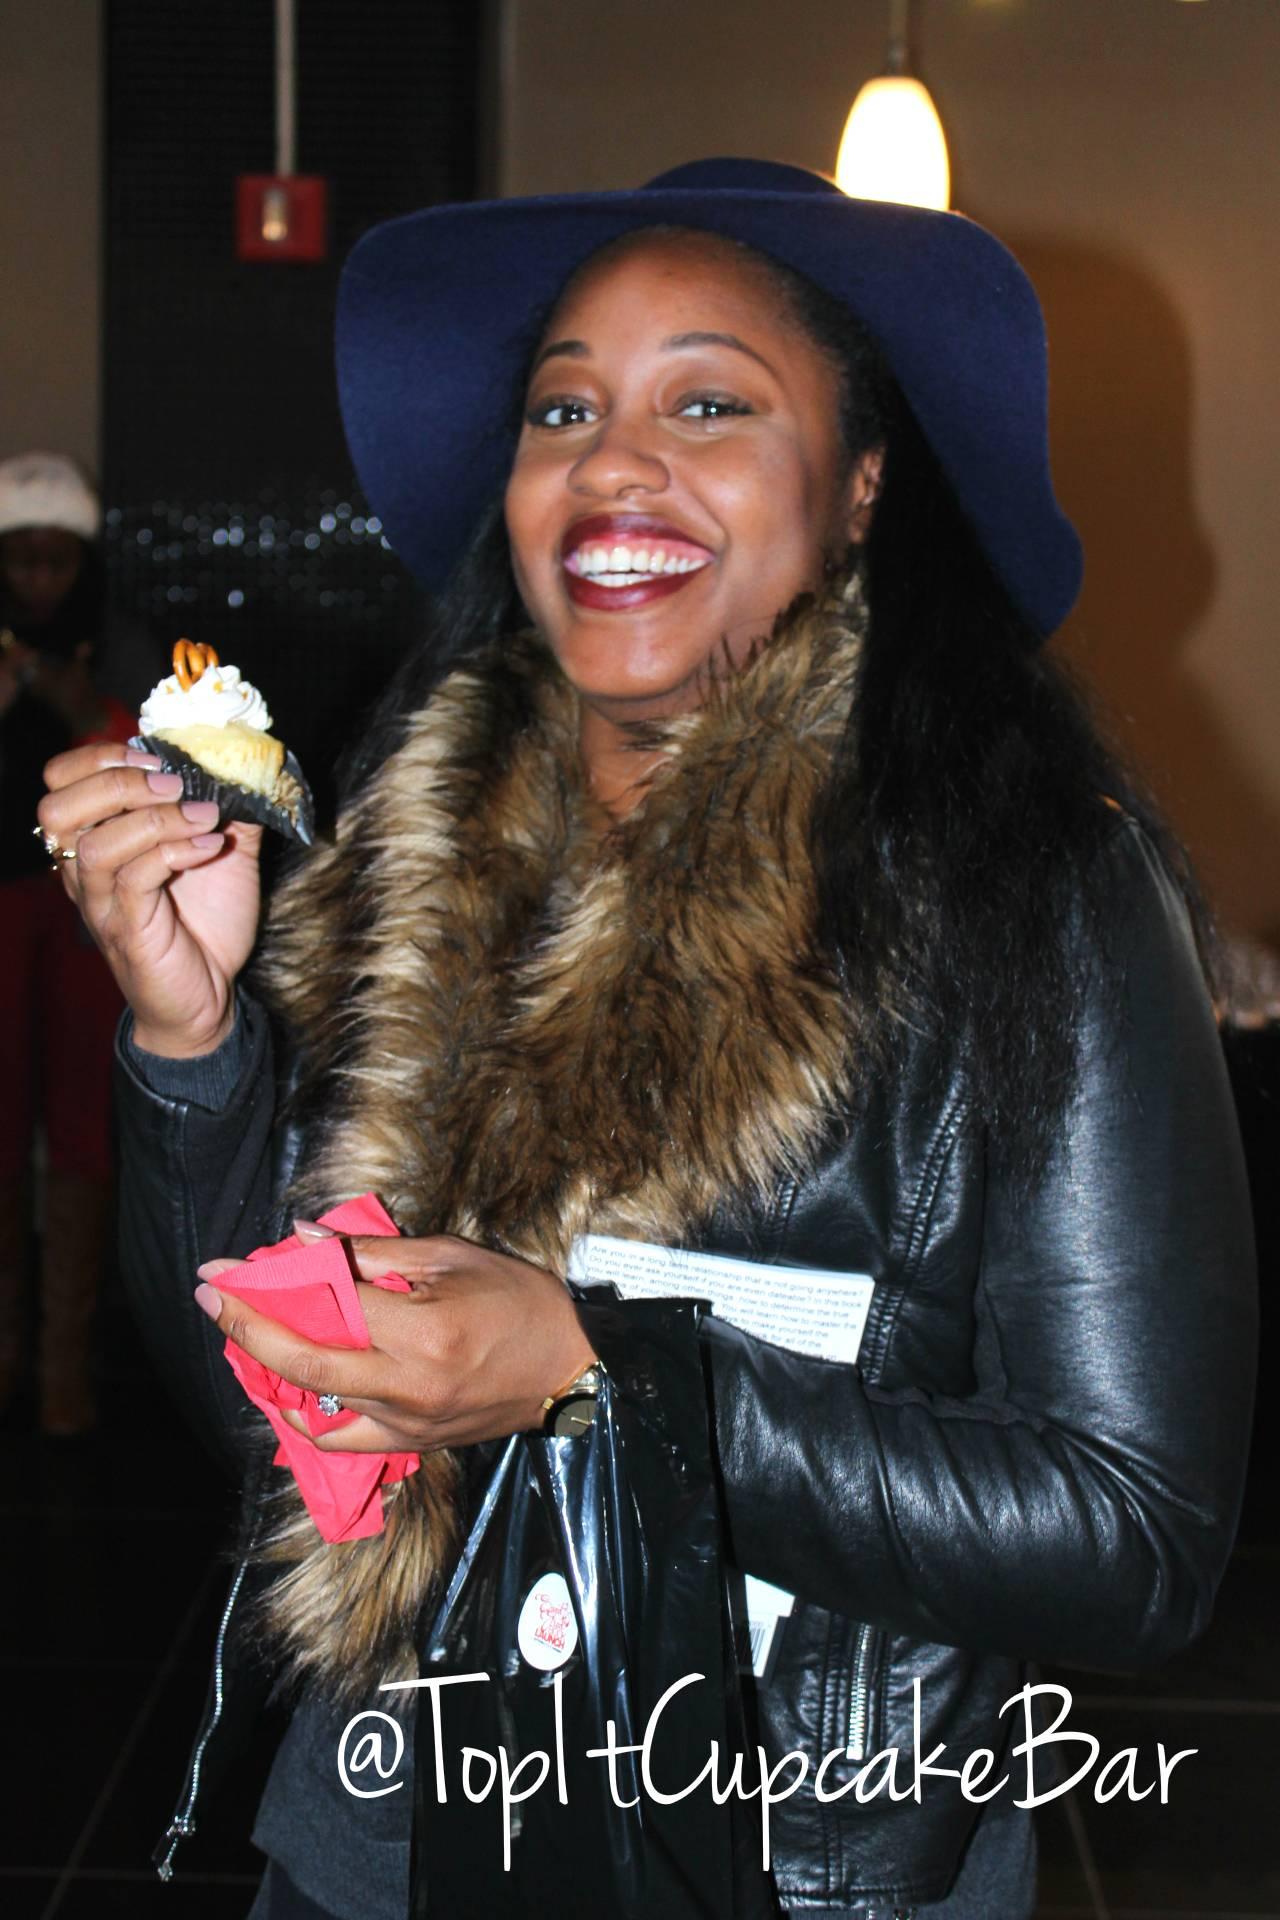 Stylish Cupcake Lady